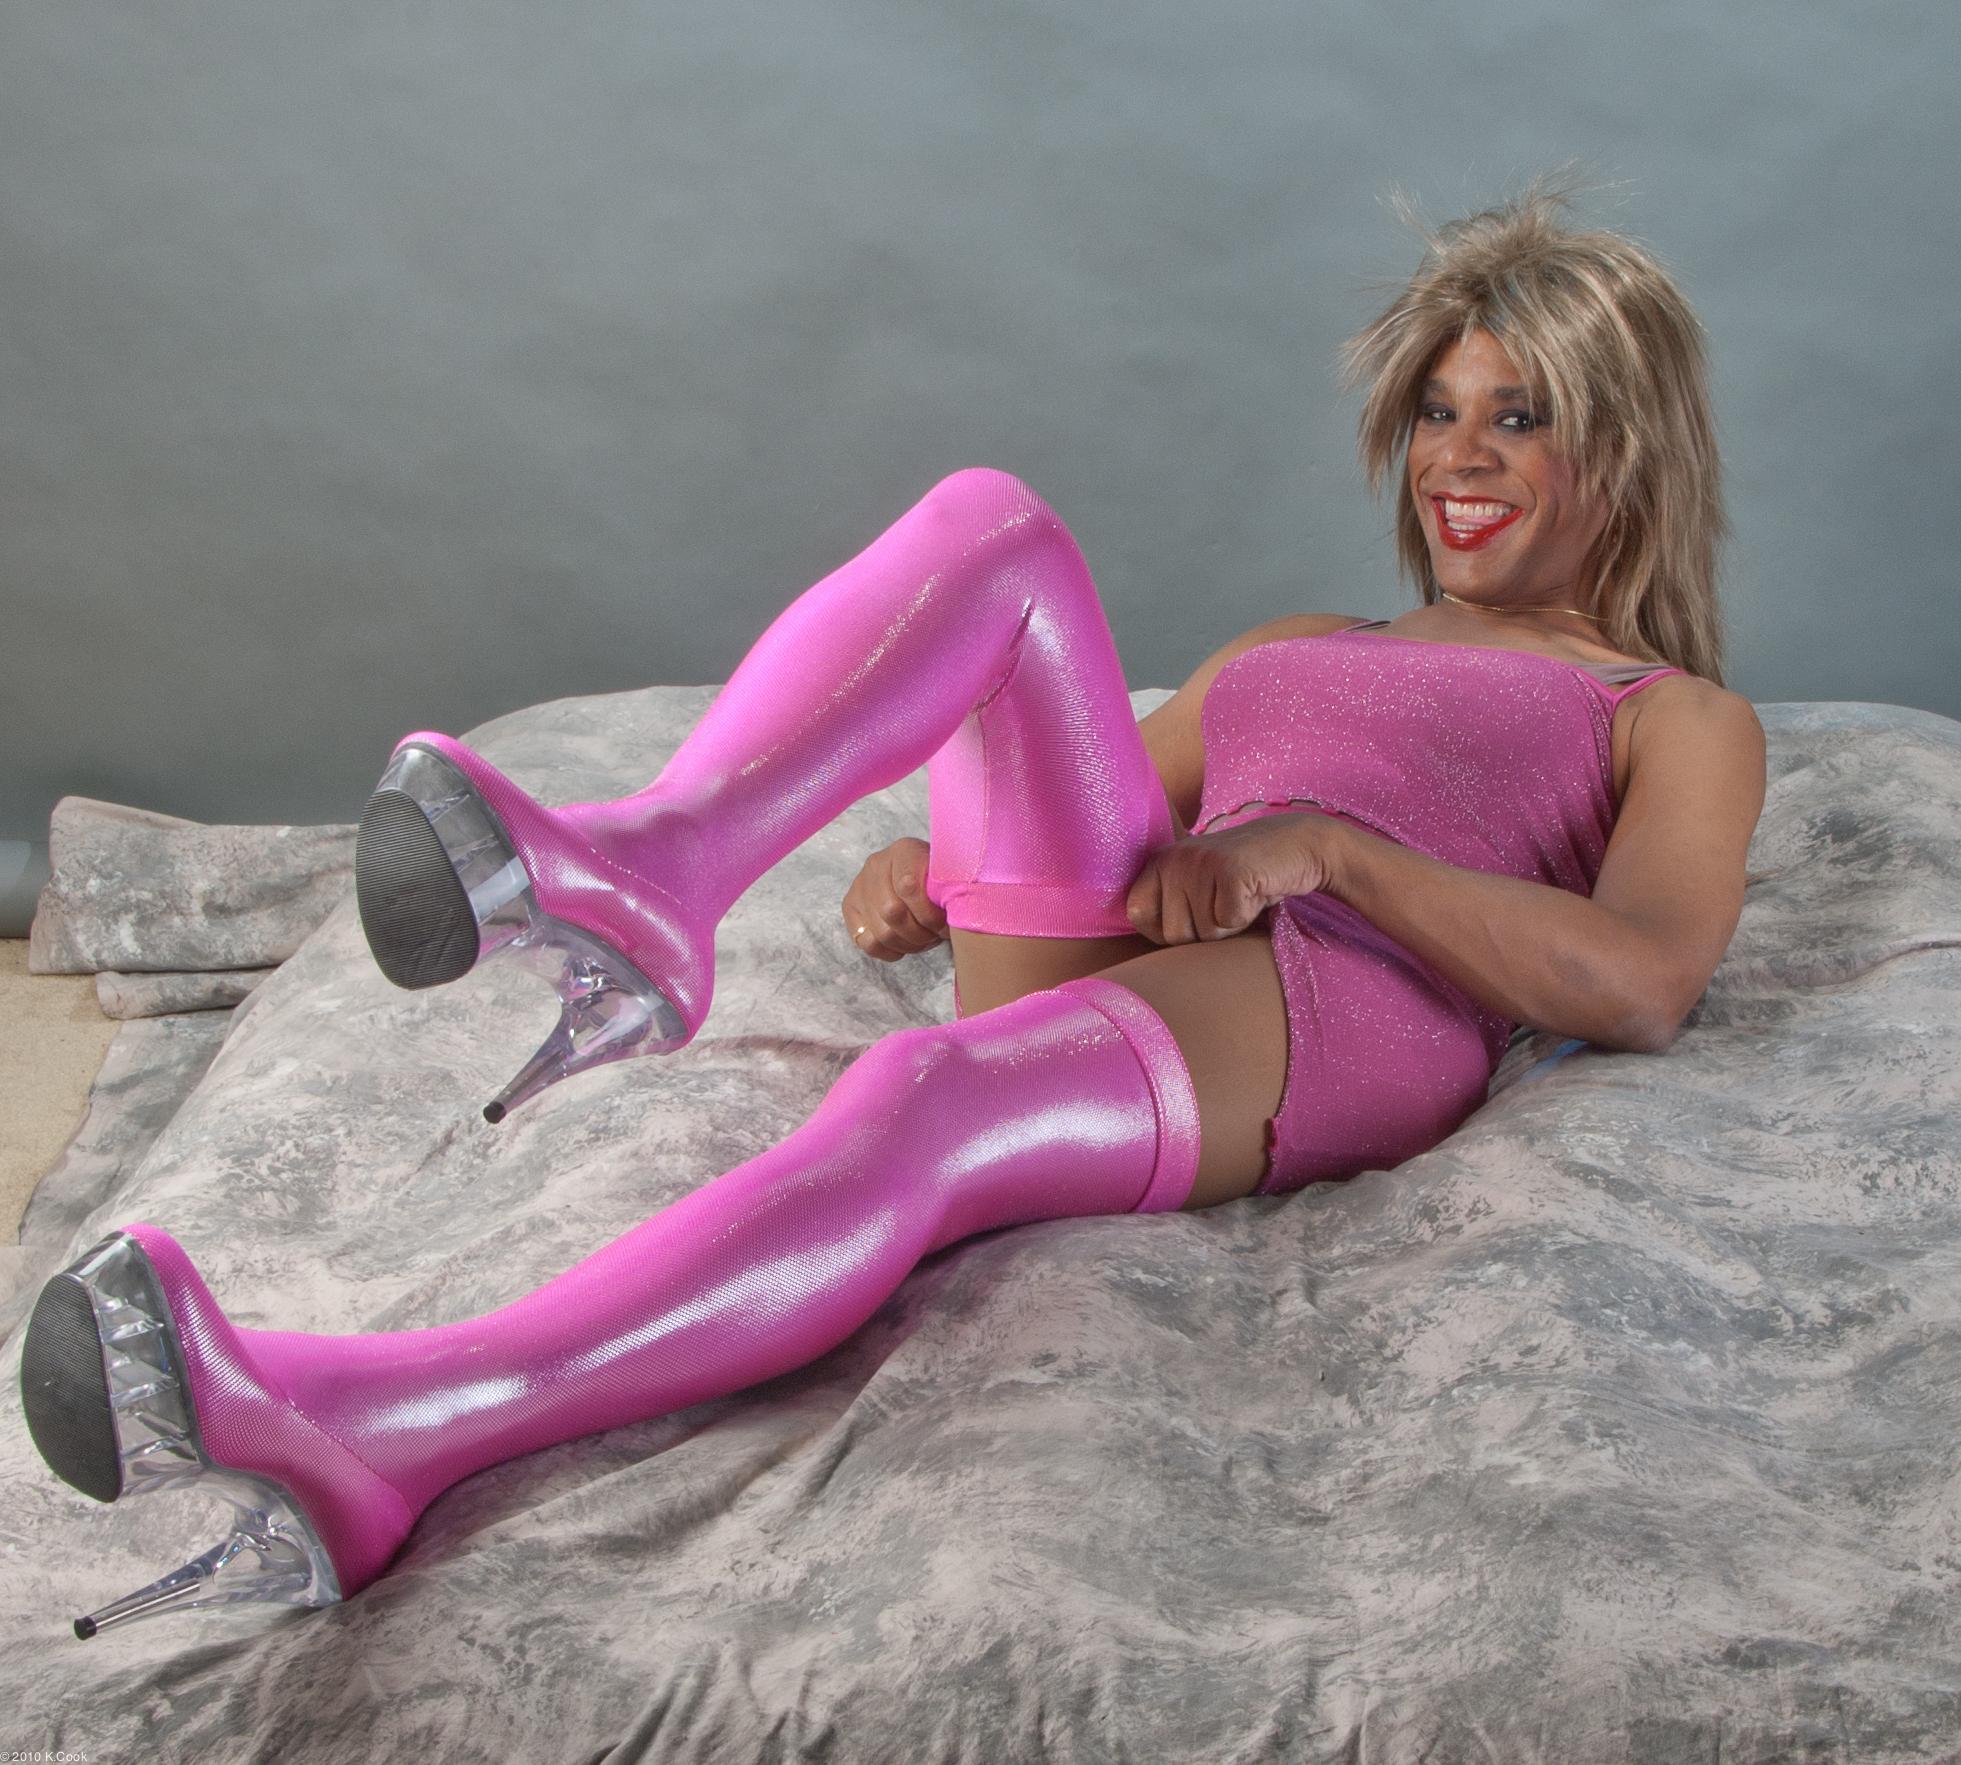 Thighboot fetish transvestites